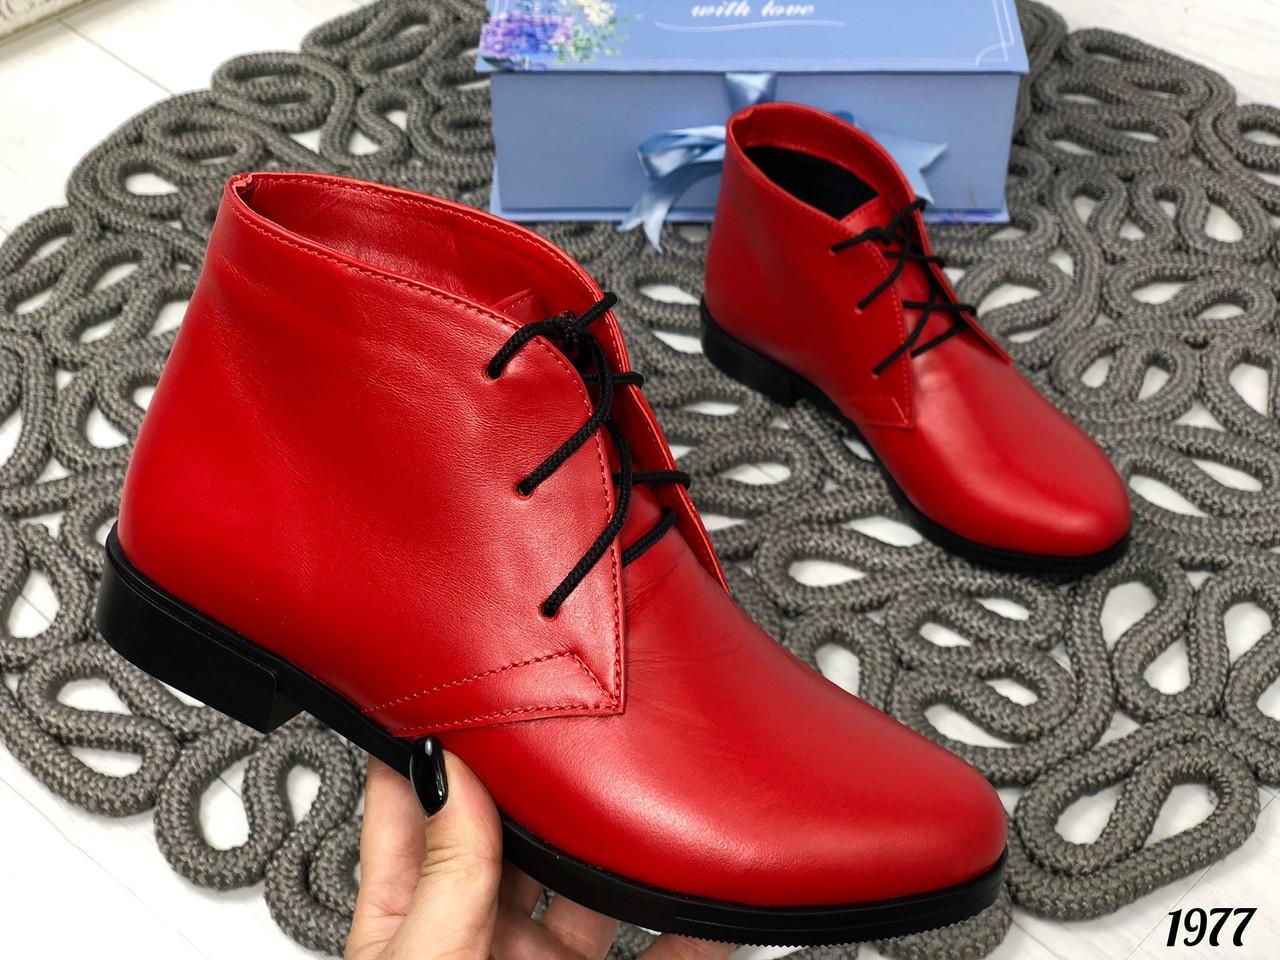 40 р. Ботинки женские деми красные кожаные на низком ходу,демисезонные,из натуральной кожи,натуральная кожа